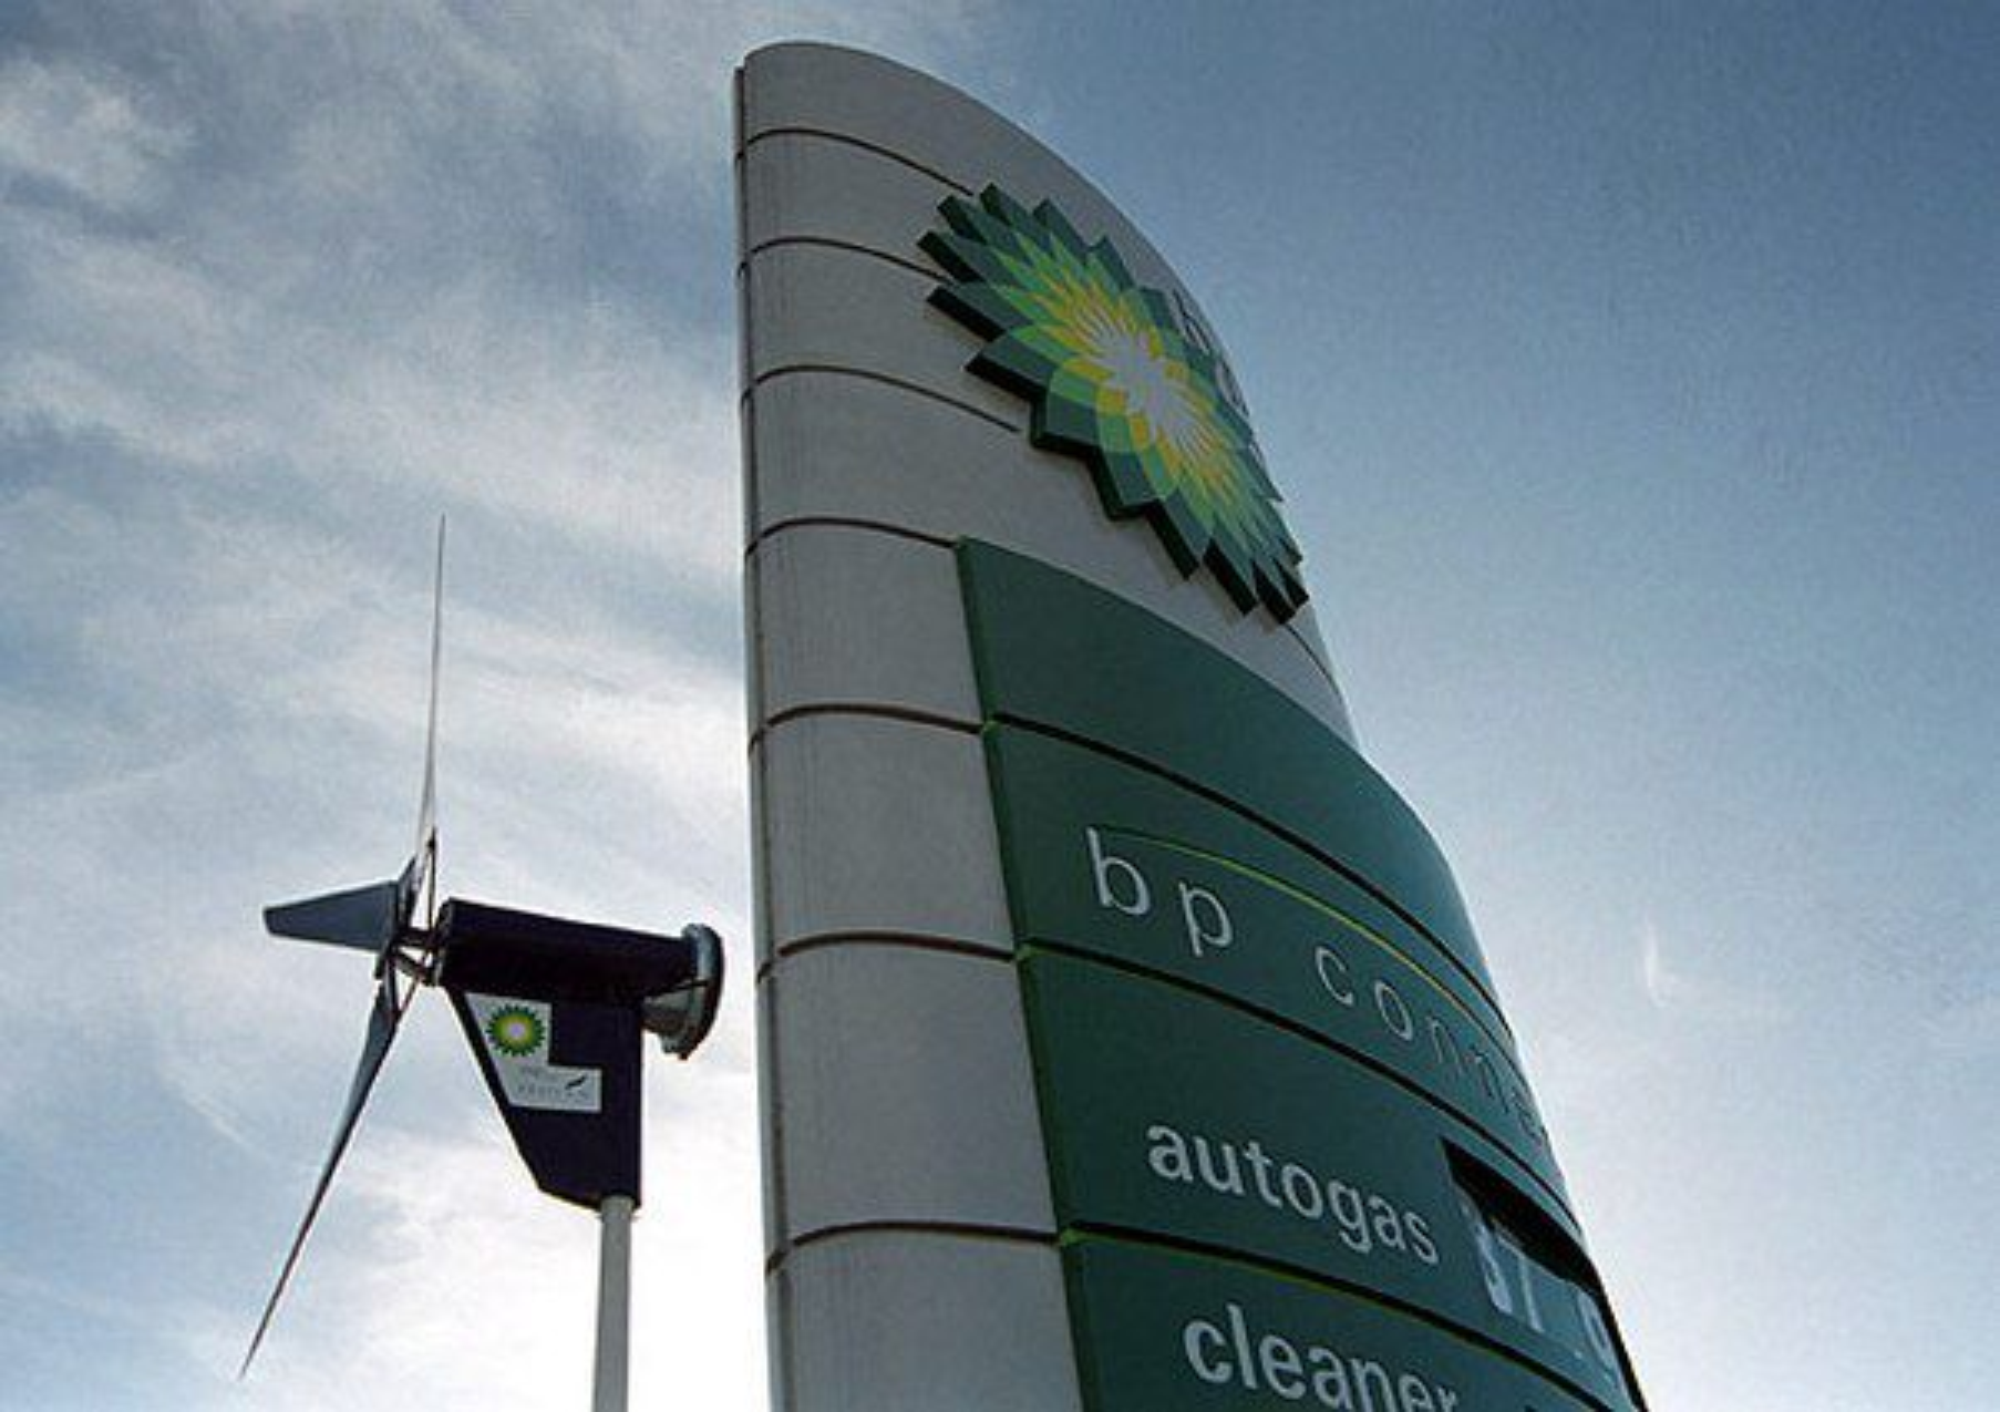 KUTTER: Oljeselskapet BP legger ned kontoret for fornybar energi, etter først å ha kuttet i divisjonens budsjetter. Men en talsmann insisterer på at dette ikke betyr noe for satsingen på fornybar energi.